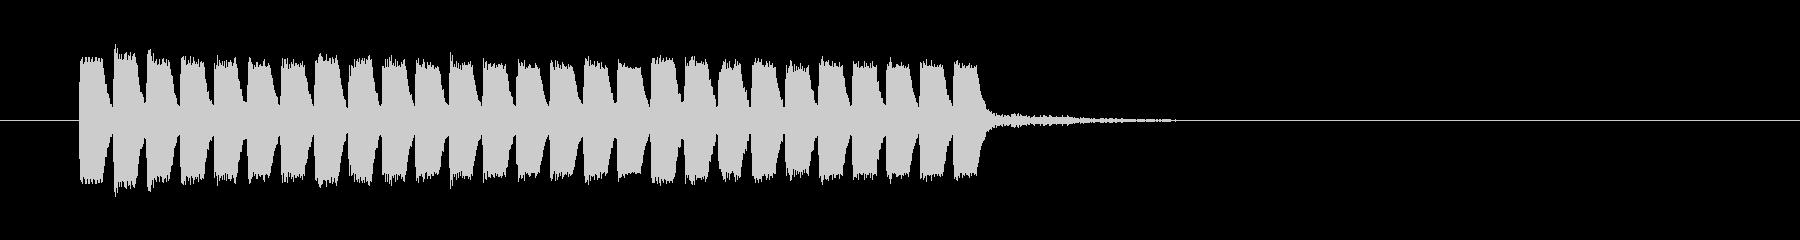 レベルアップ低音の未再生の波形